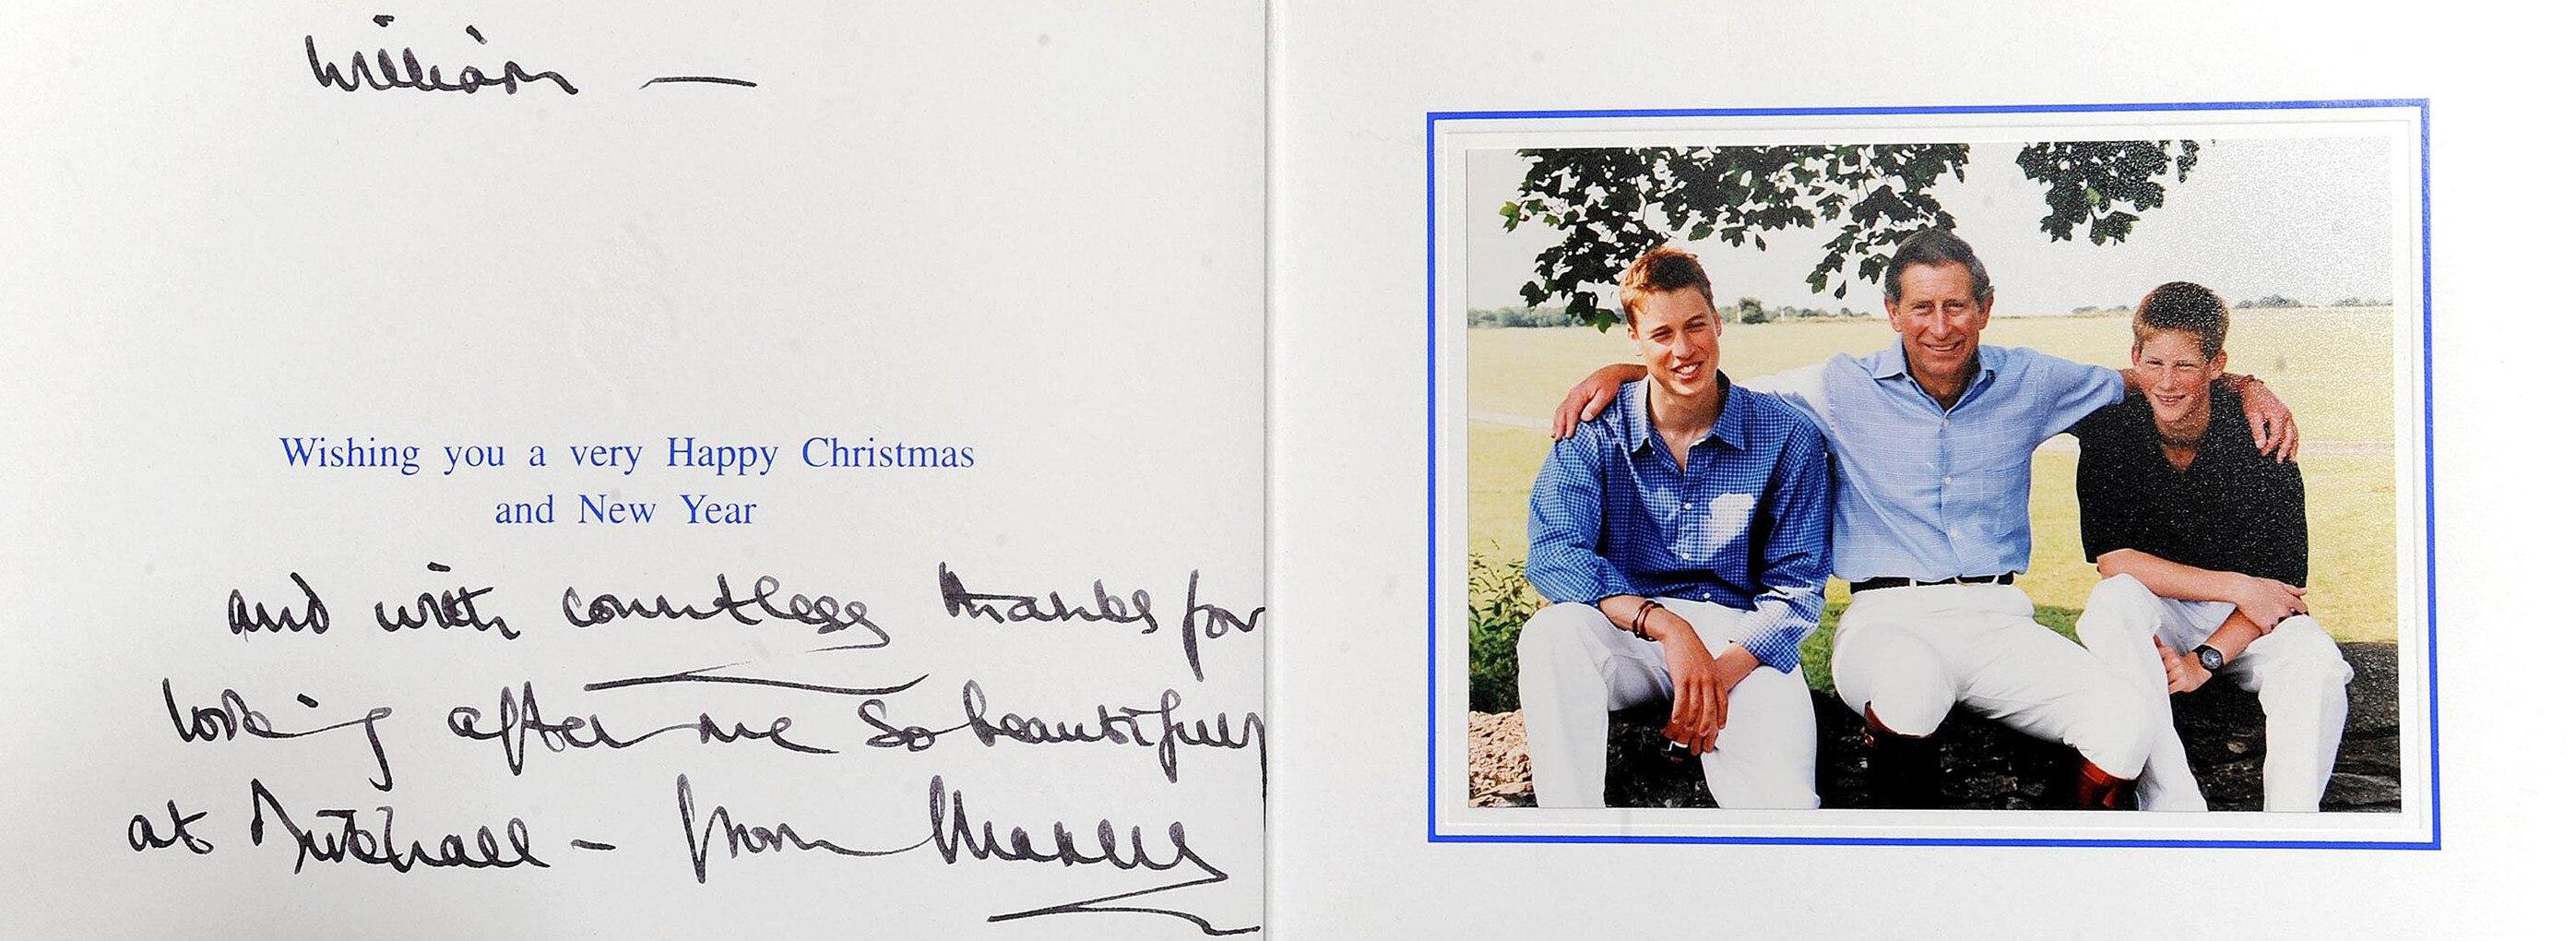 Prince William, Christmas, 1999